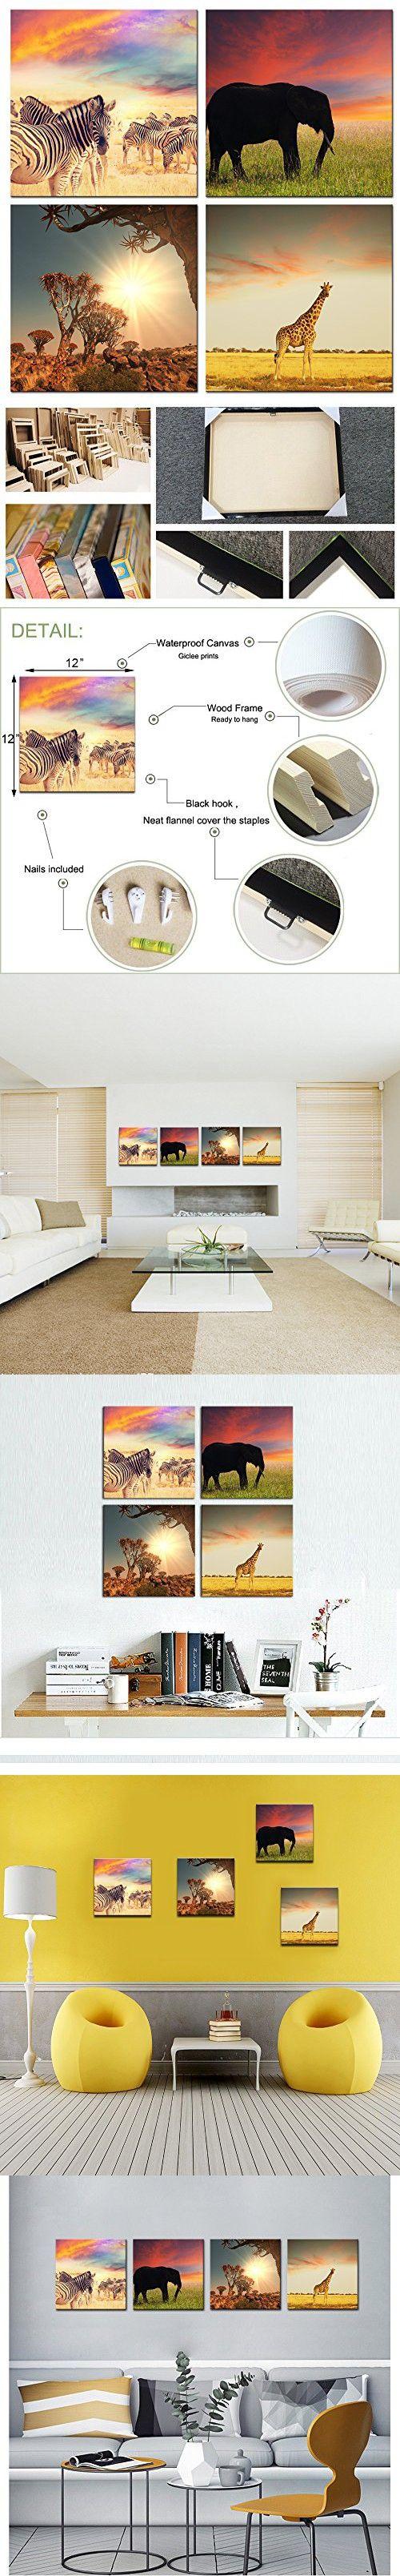 best 25 elephant artwork ideas on pinterest elephant art